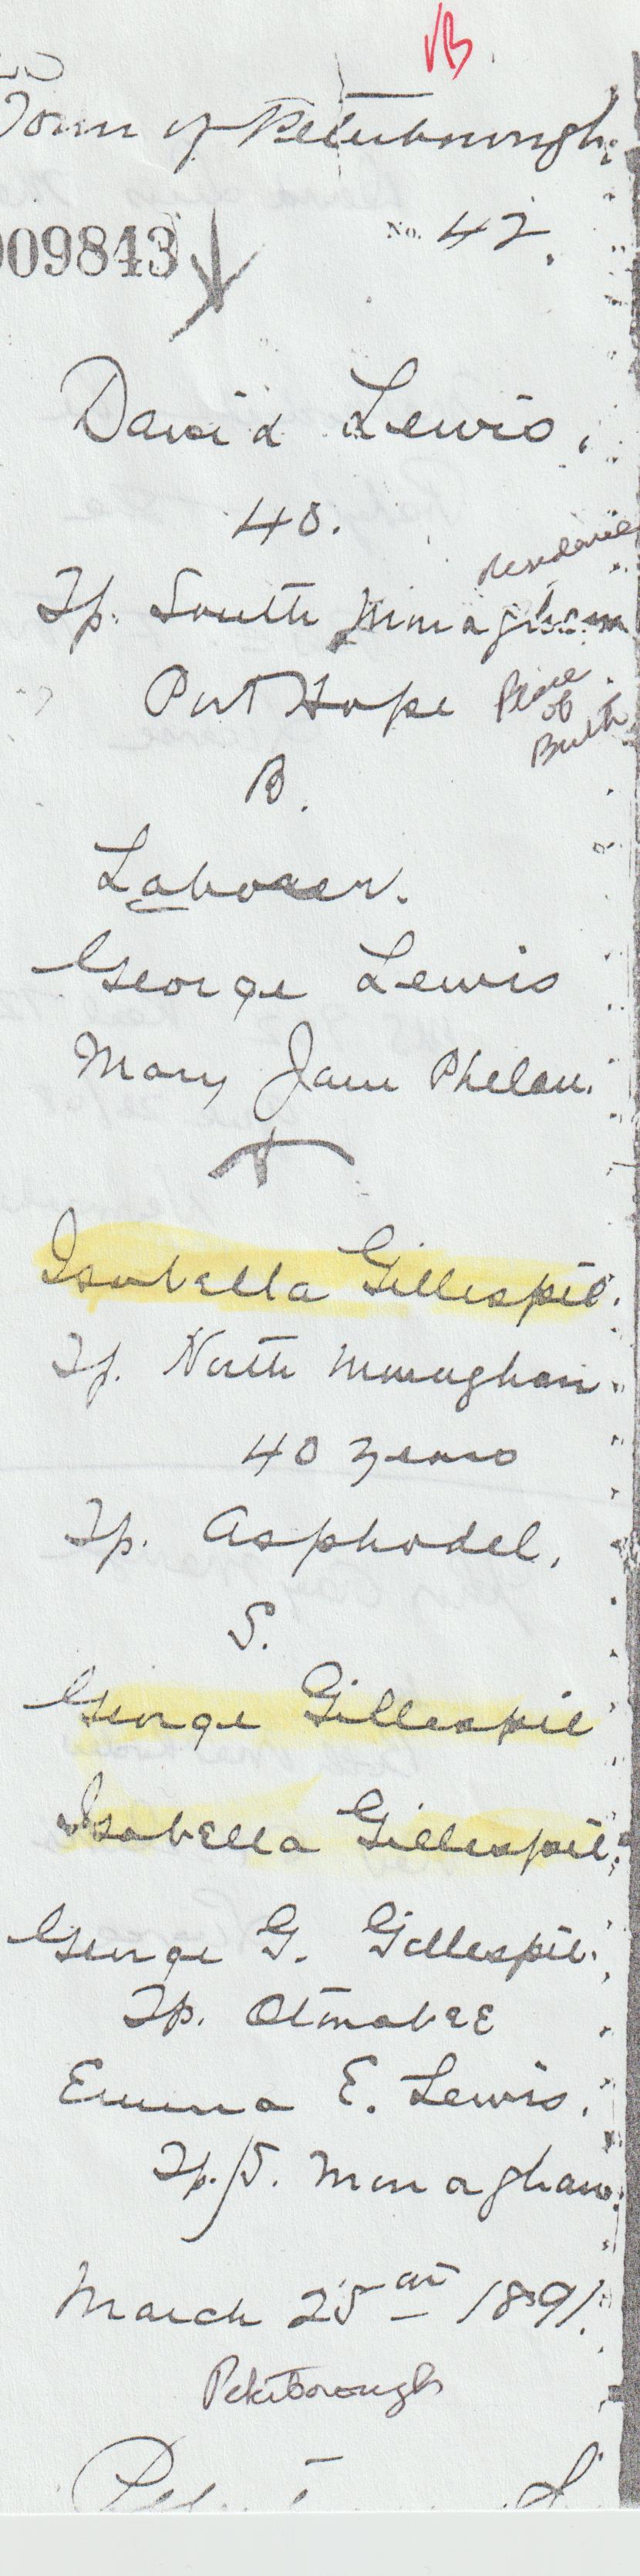 Isabella Gillespie David Lewis